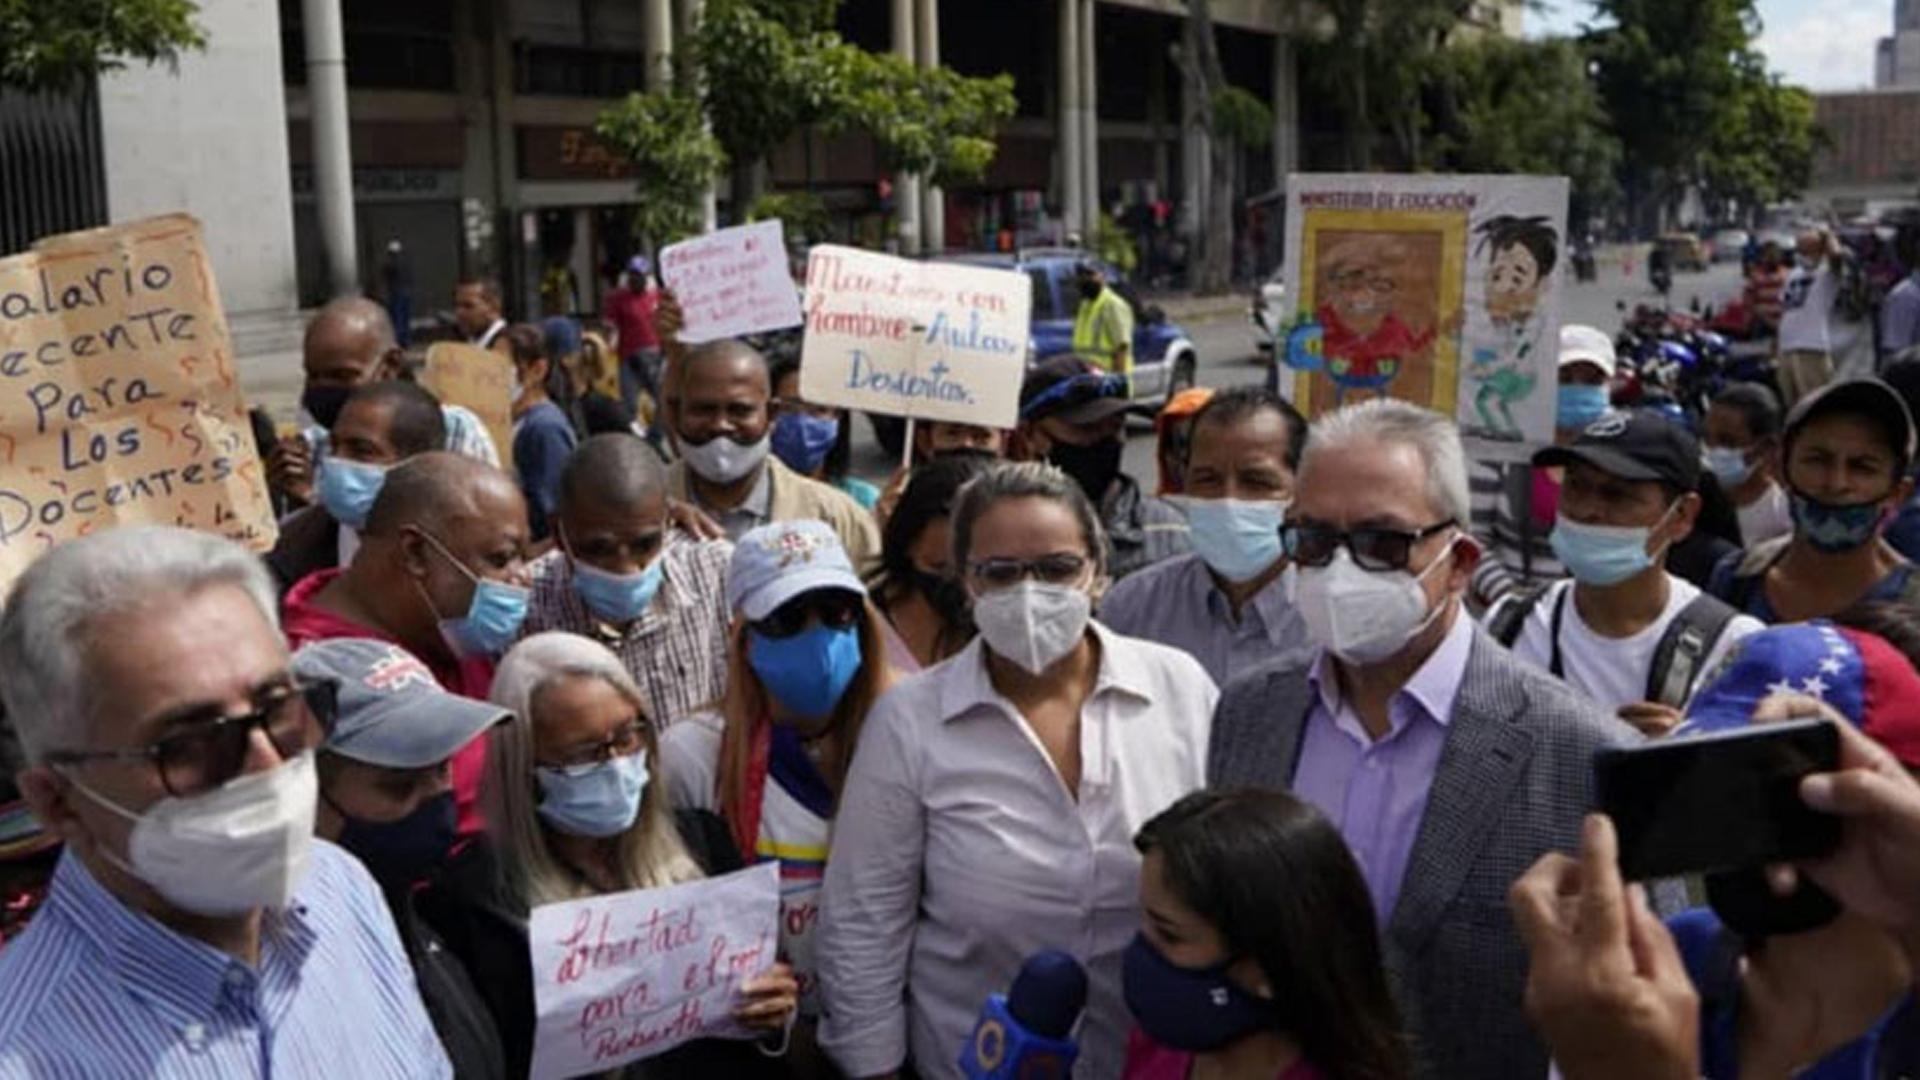 Maestros protestan en su día para exigir reivindicaciones laborales